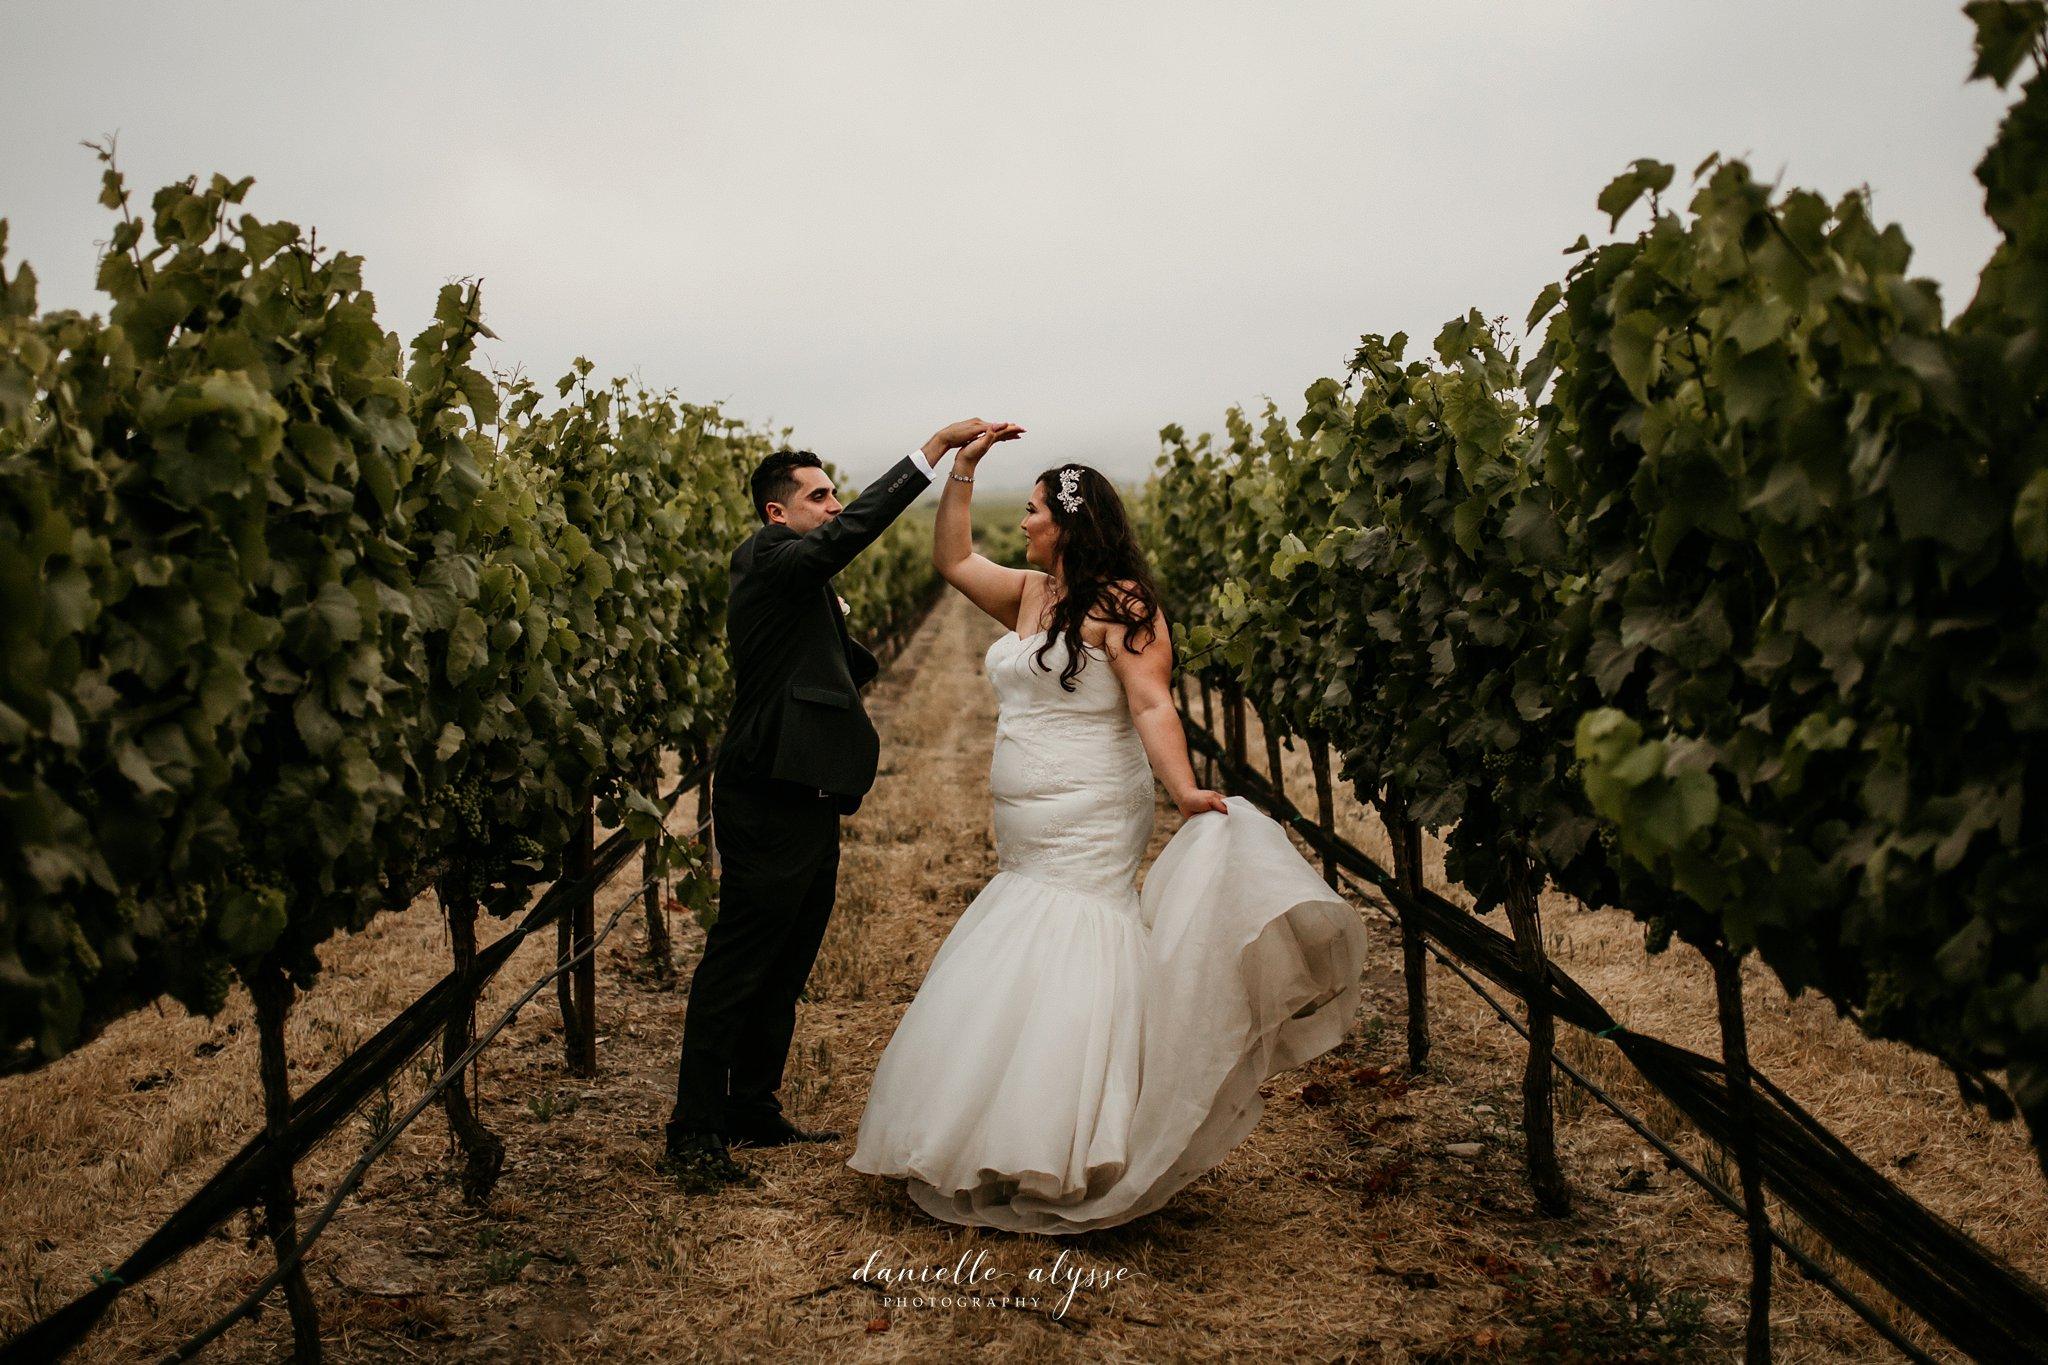 180630_wedding_lily_ryan_mission_soledad_california_danielle_alysse_photography_blog_1174_WEB.jpg